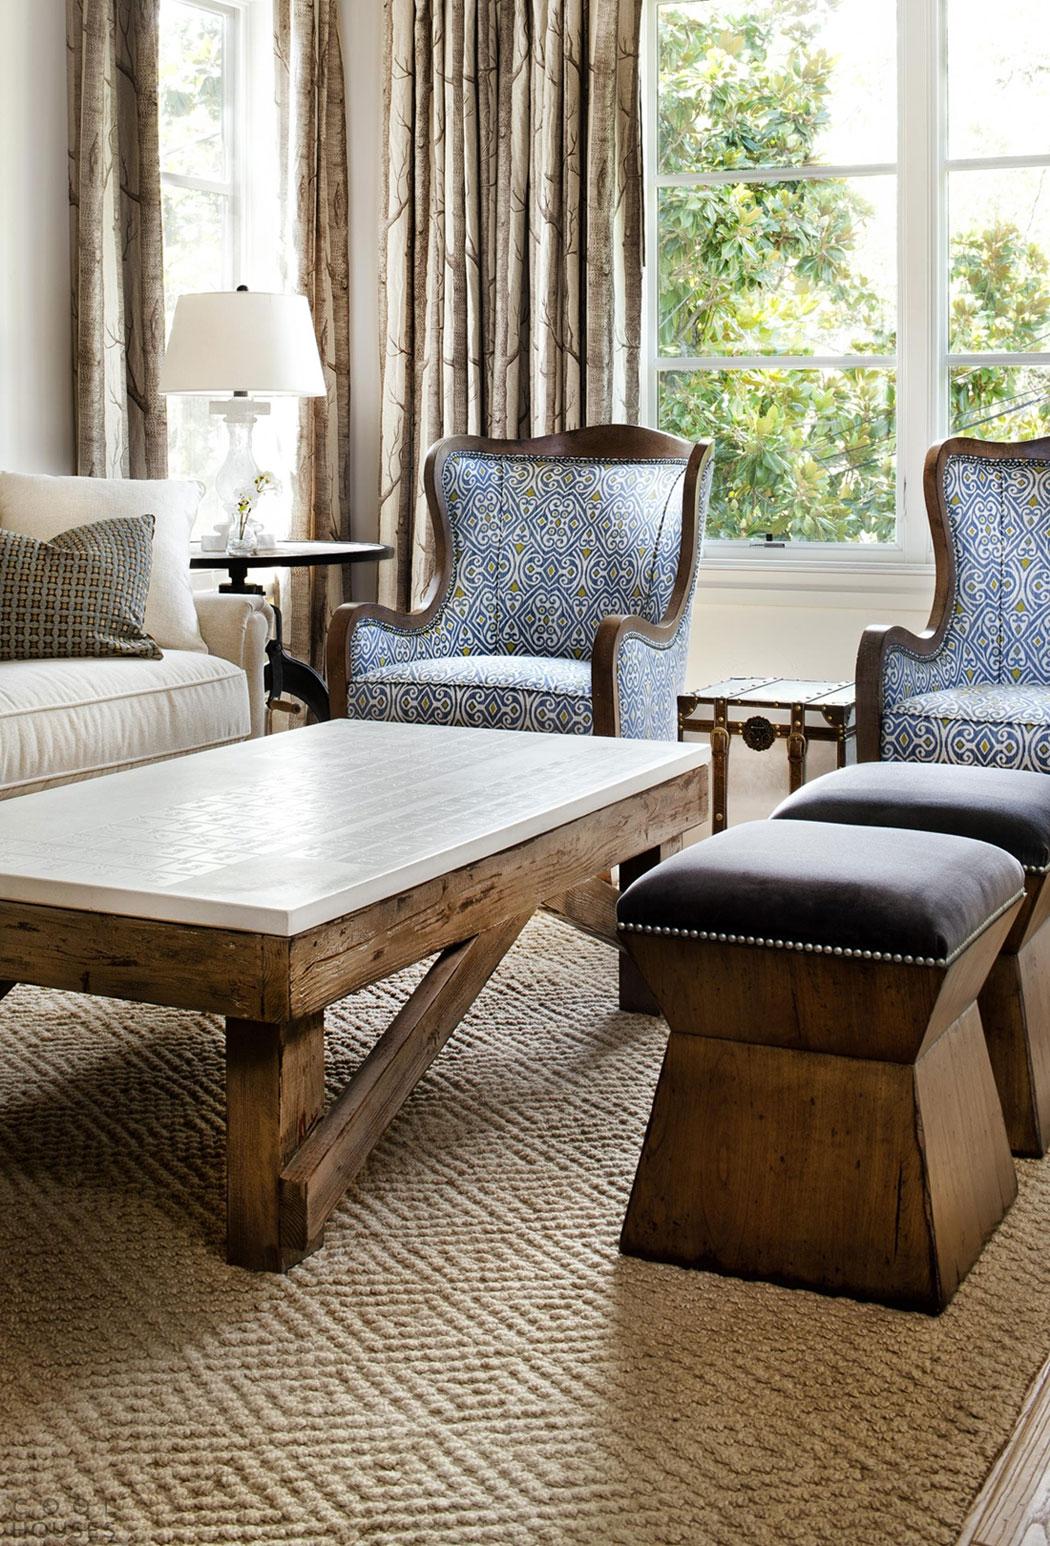 Антикварная мебель в стиле кантри